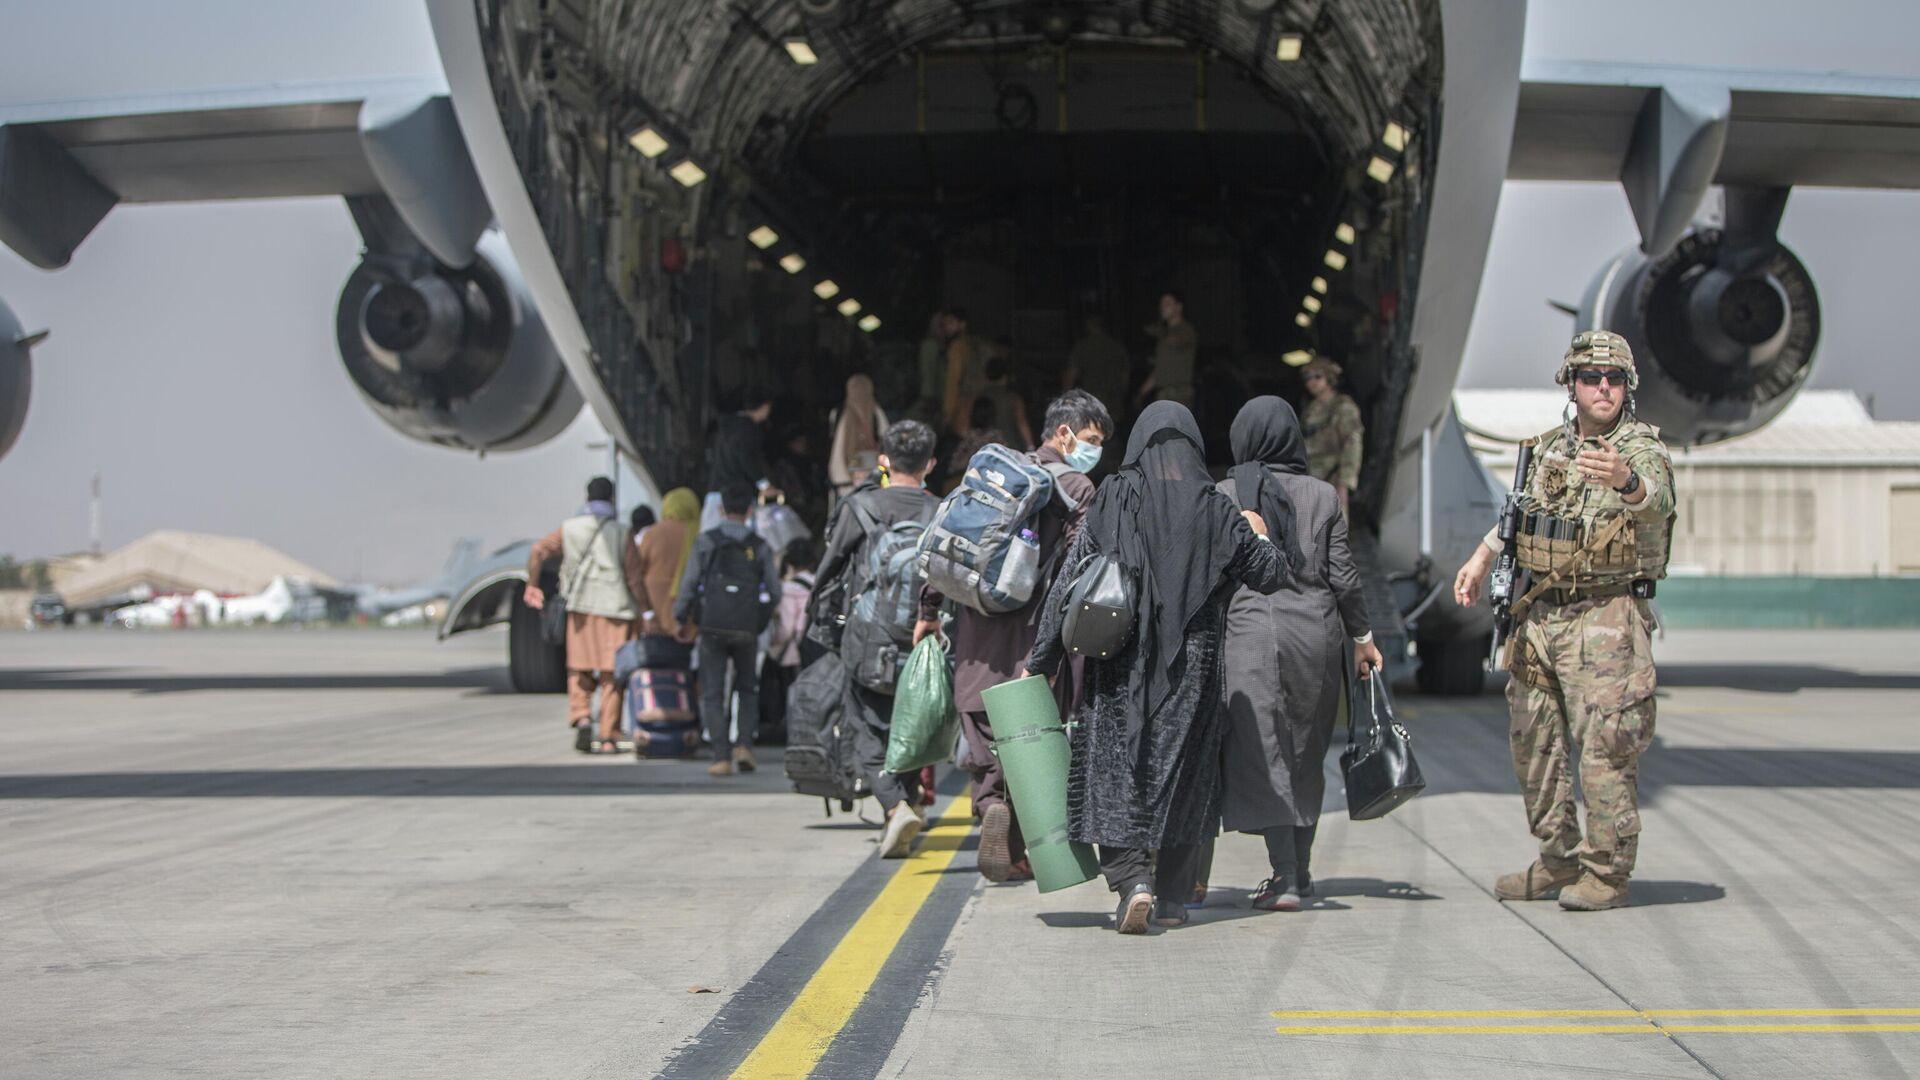 Транспортный самолет C-17 Globemaster III ВВС США во время эвакуации людей в международном аэропорту Хамида Карзая в Кабуле - РИА Новости, 1920, 26.08.2021